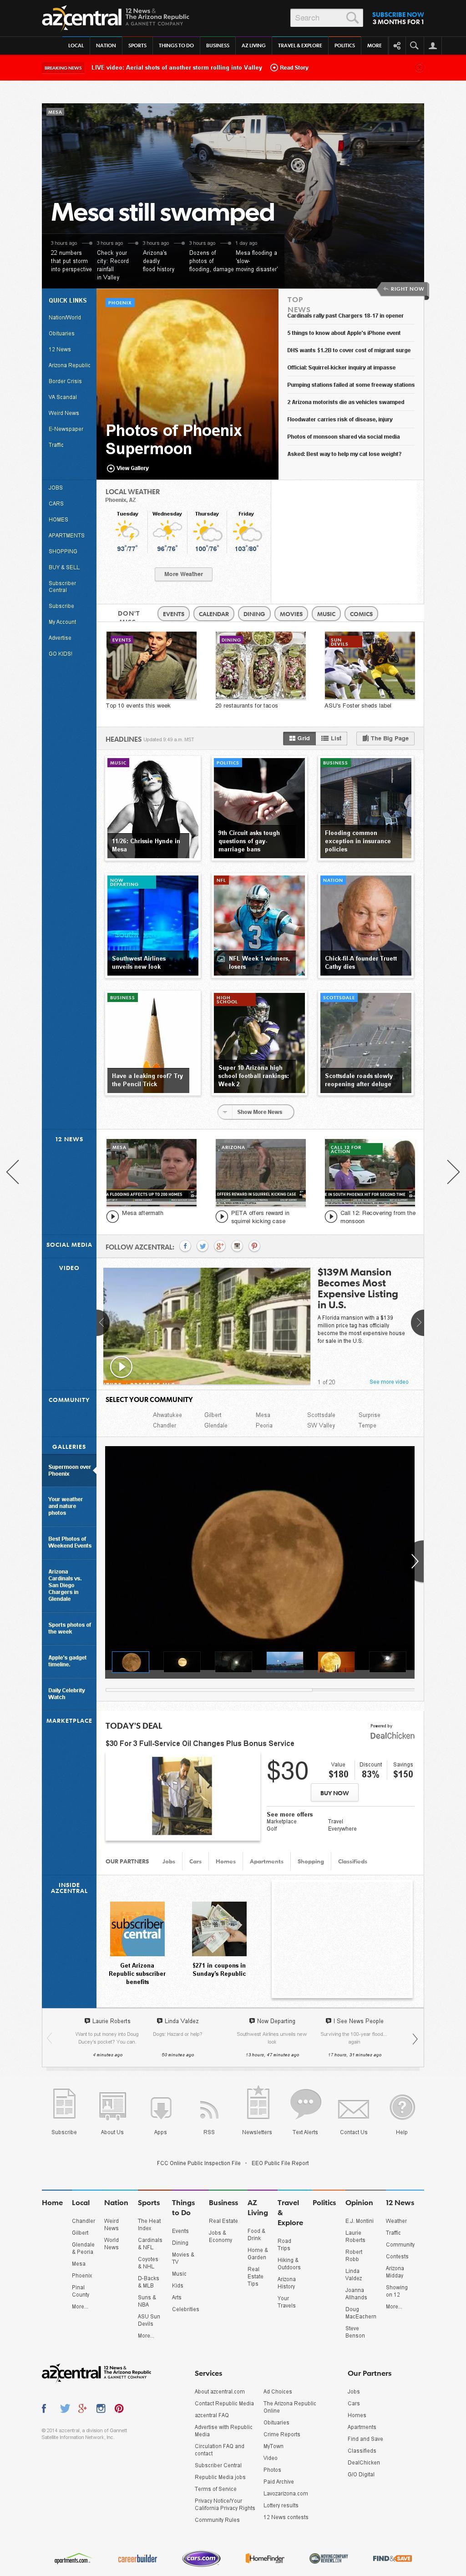 azcentral.com at Tuesday Sept. 9, 2014, 6 p.m. UTC